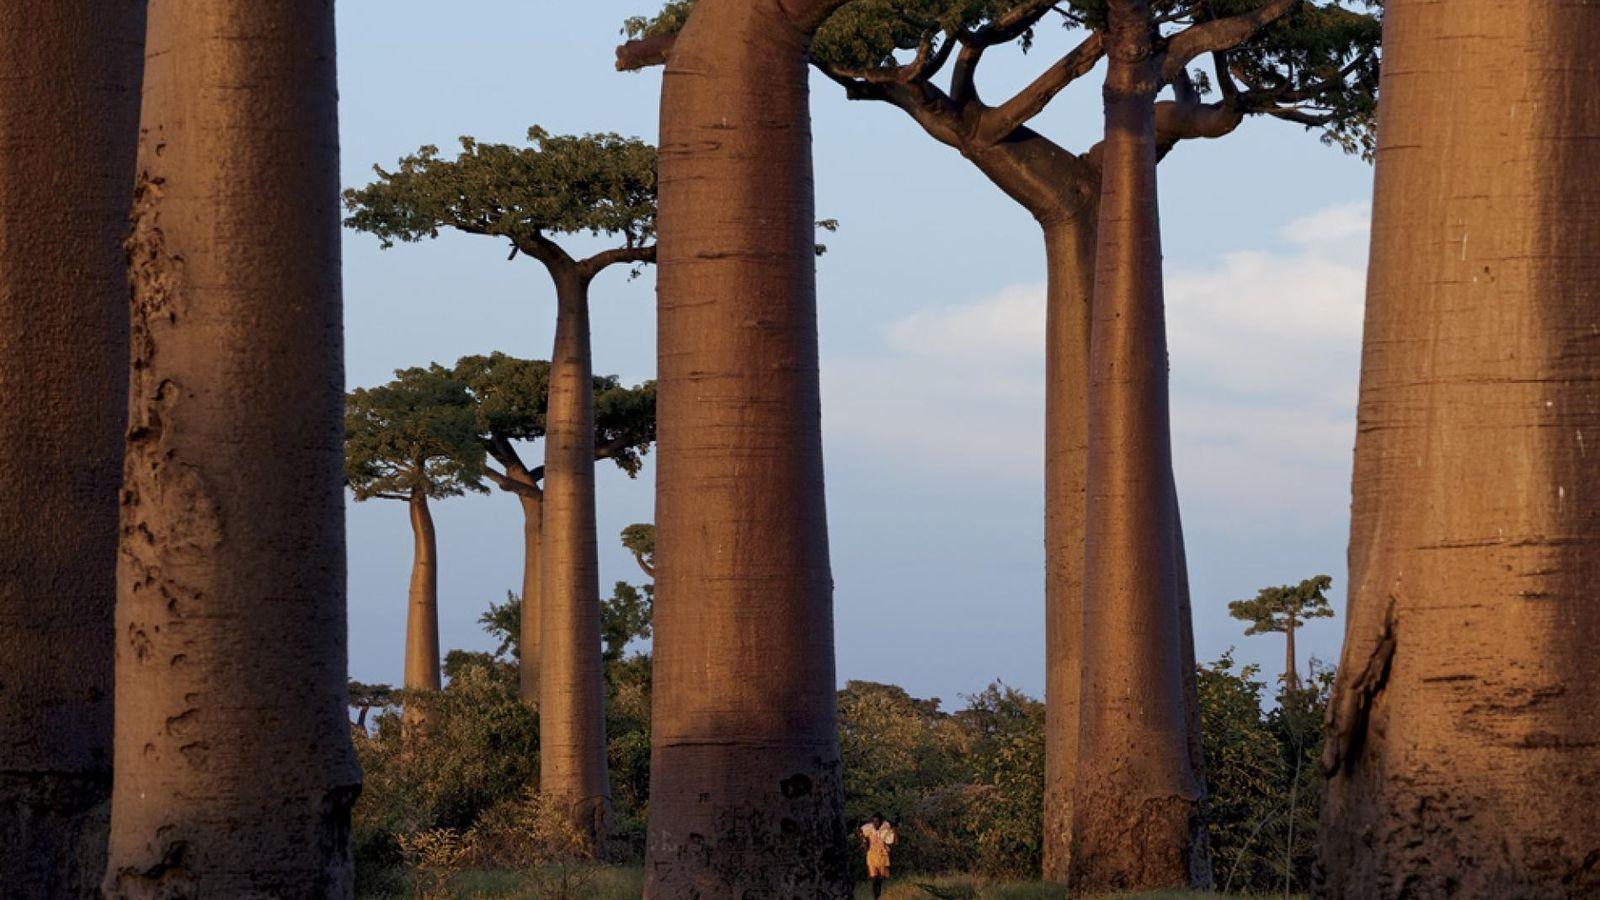 L'avenue des Baobabs, près de Morondava, est protégée depuis 2007. Cette avenue est tout ce qu'il ...